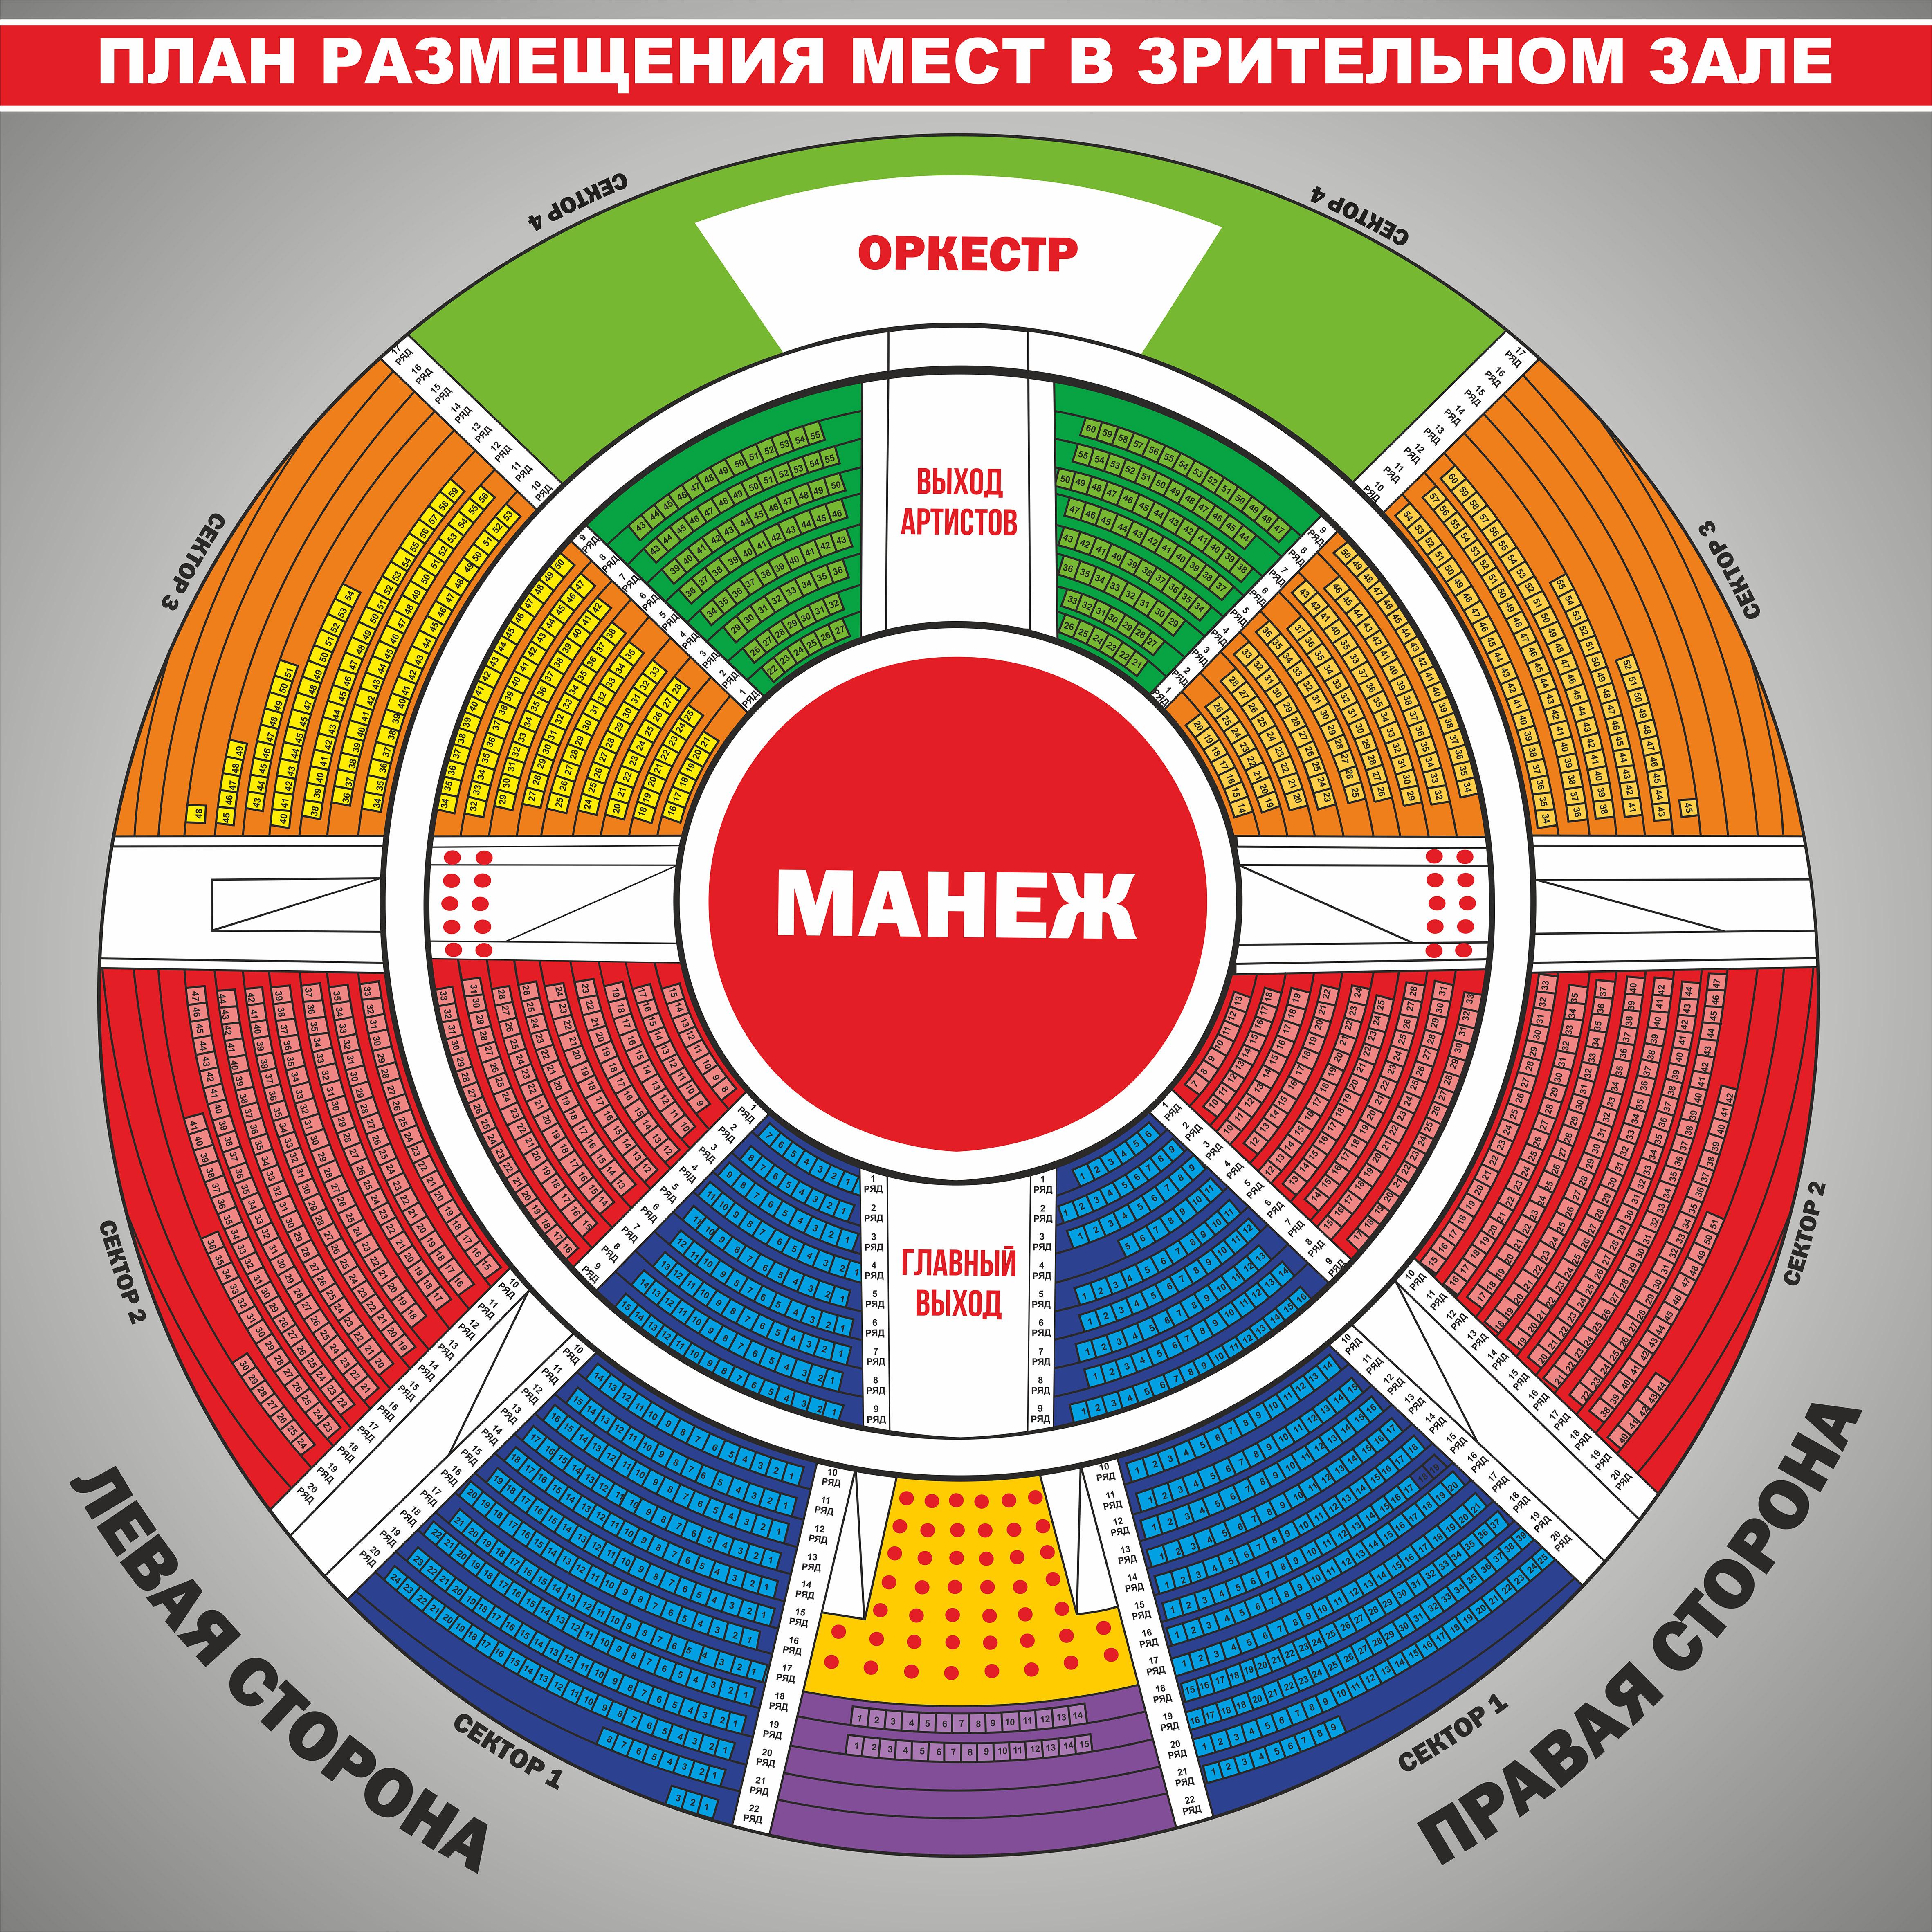 Луганский цирк билеты купить театры для детей сайт афиша